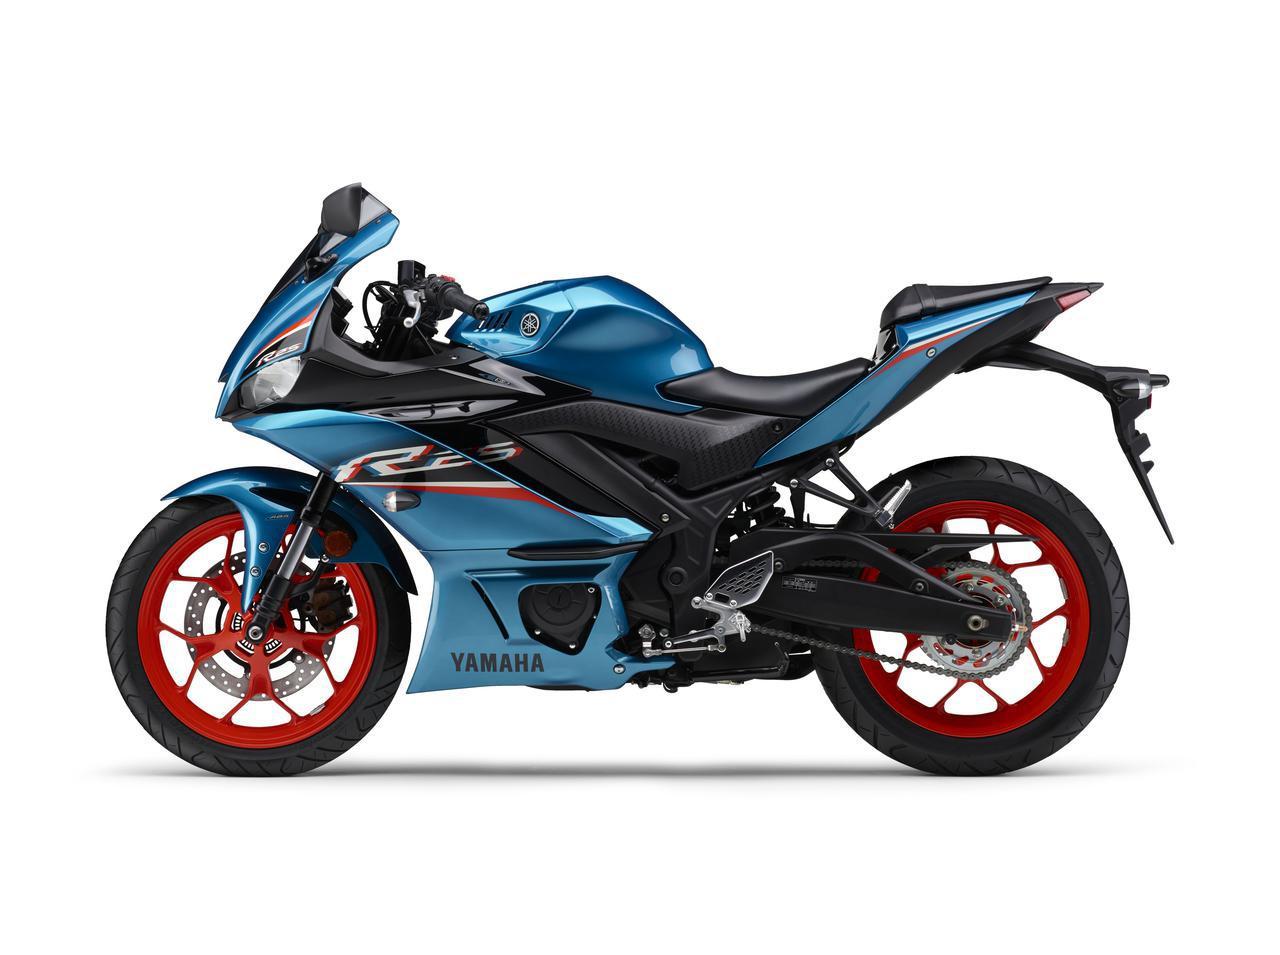 画像21: ヤマハが「YZF-R25」「YZF-R3」の2021年モデルを発売! トレンド色のシアンを初採用